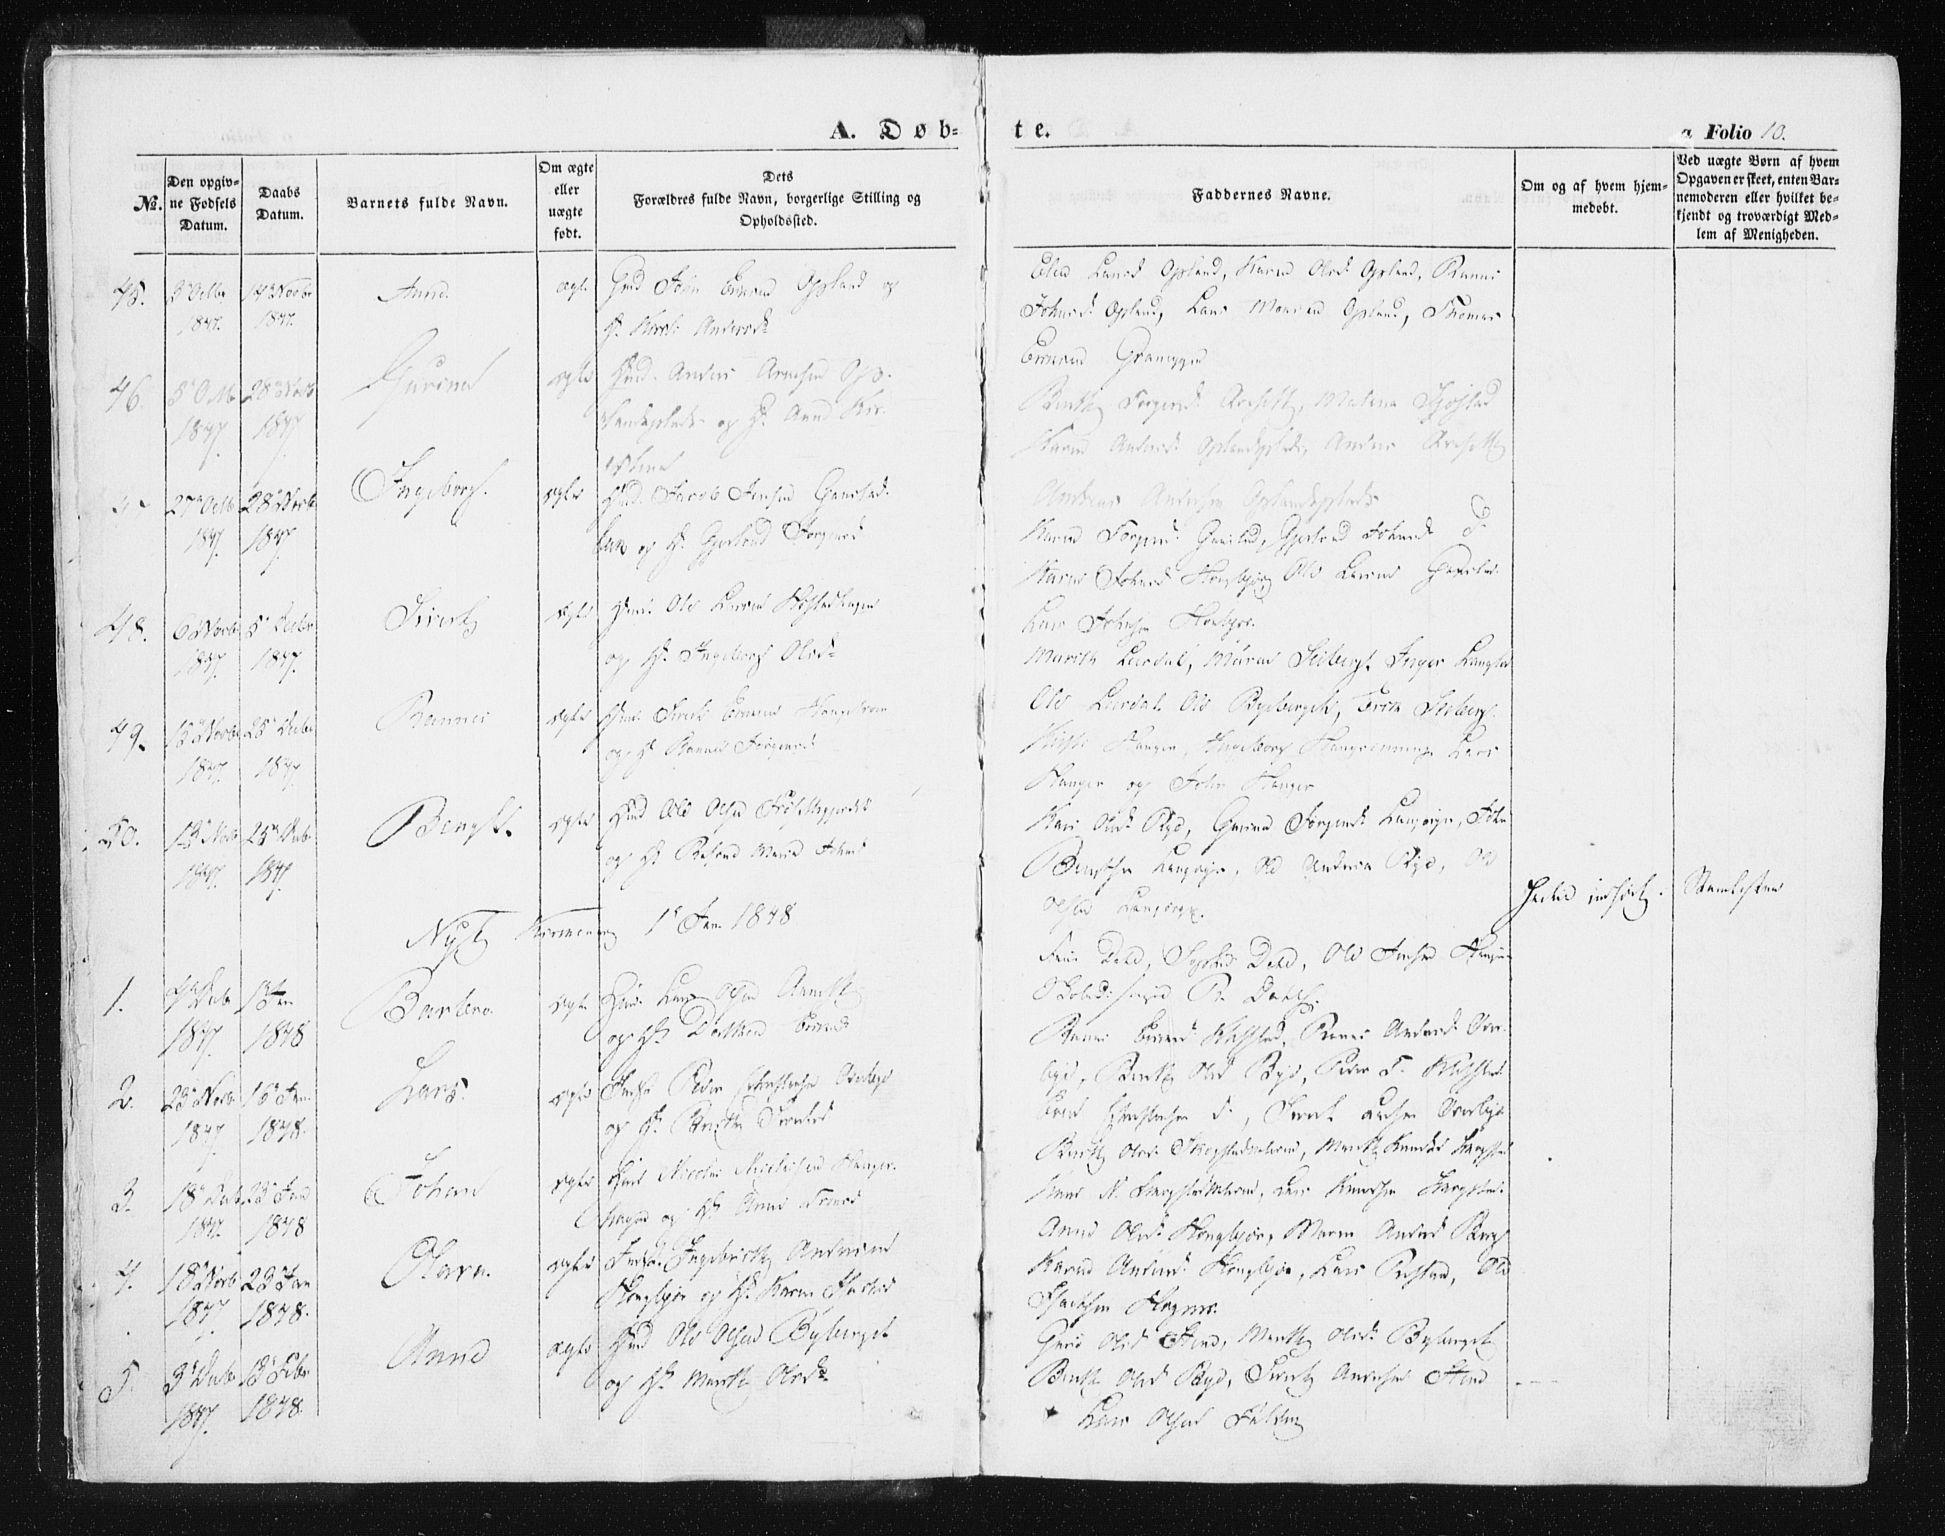 SAT, Ministerialprotokoller, klokkerbøker og fødselsregistre - Sør-Trøndelag, 612/L0376: Ministerialbok nr. 612A08, 1846-1859, s. 10